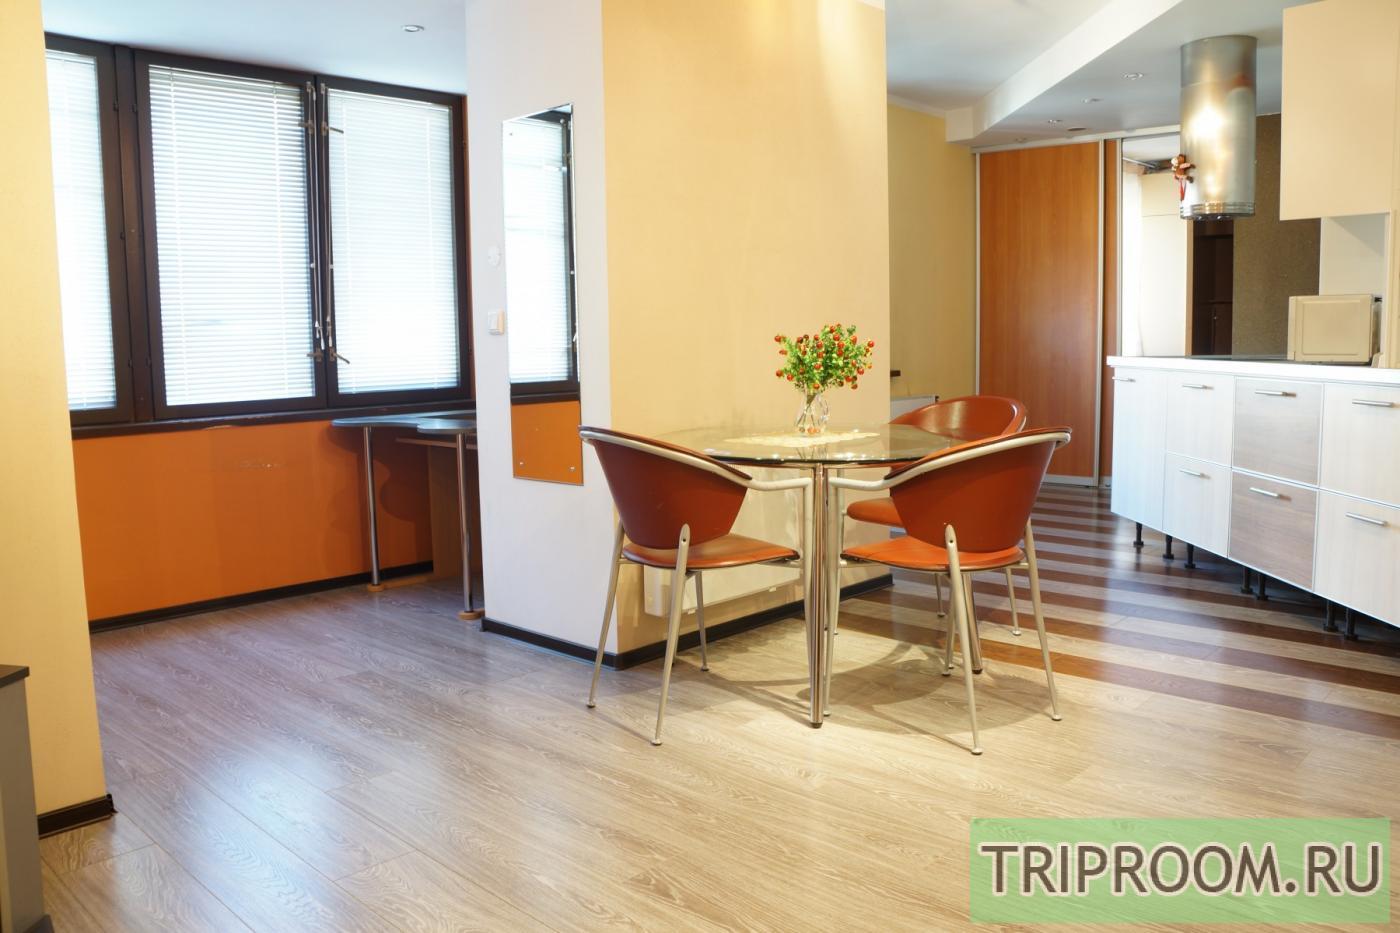 2-комнатная квартира посуточно (вариант № 28673), ул. Варшавская улица, фото № 6